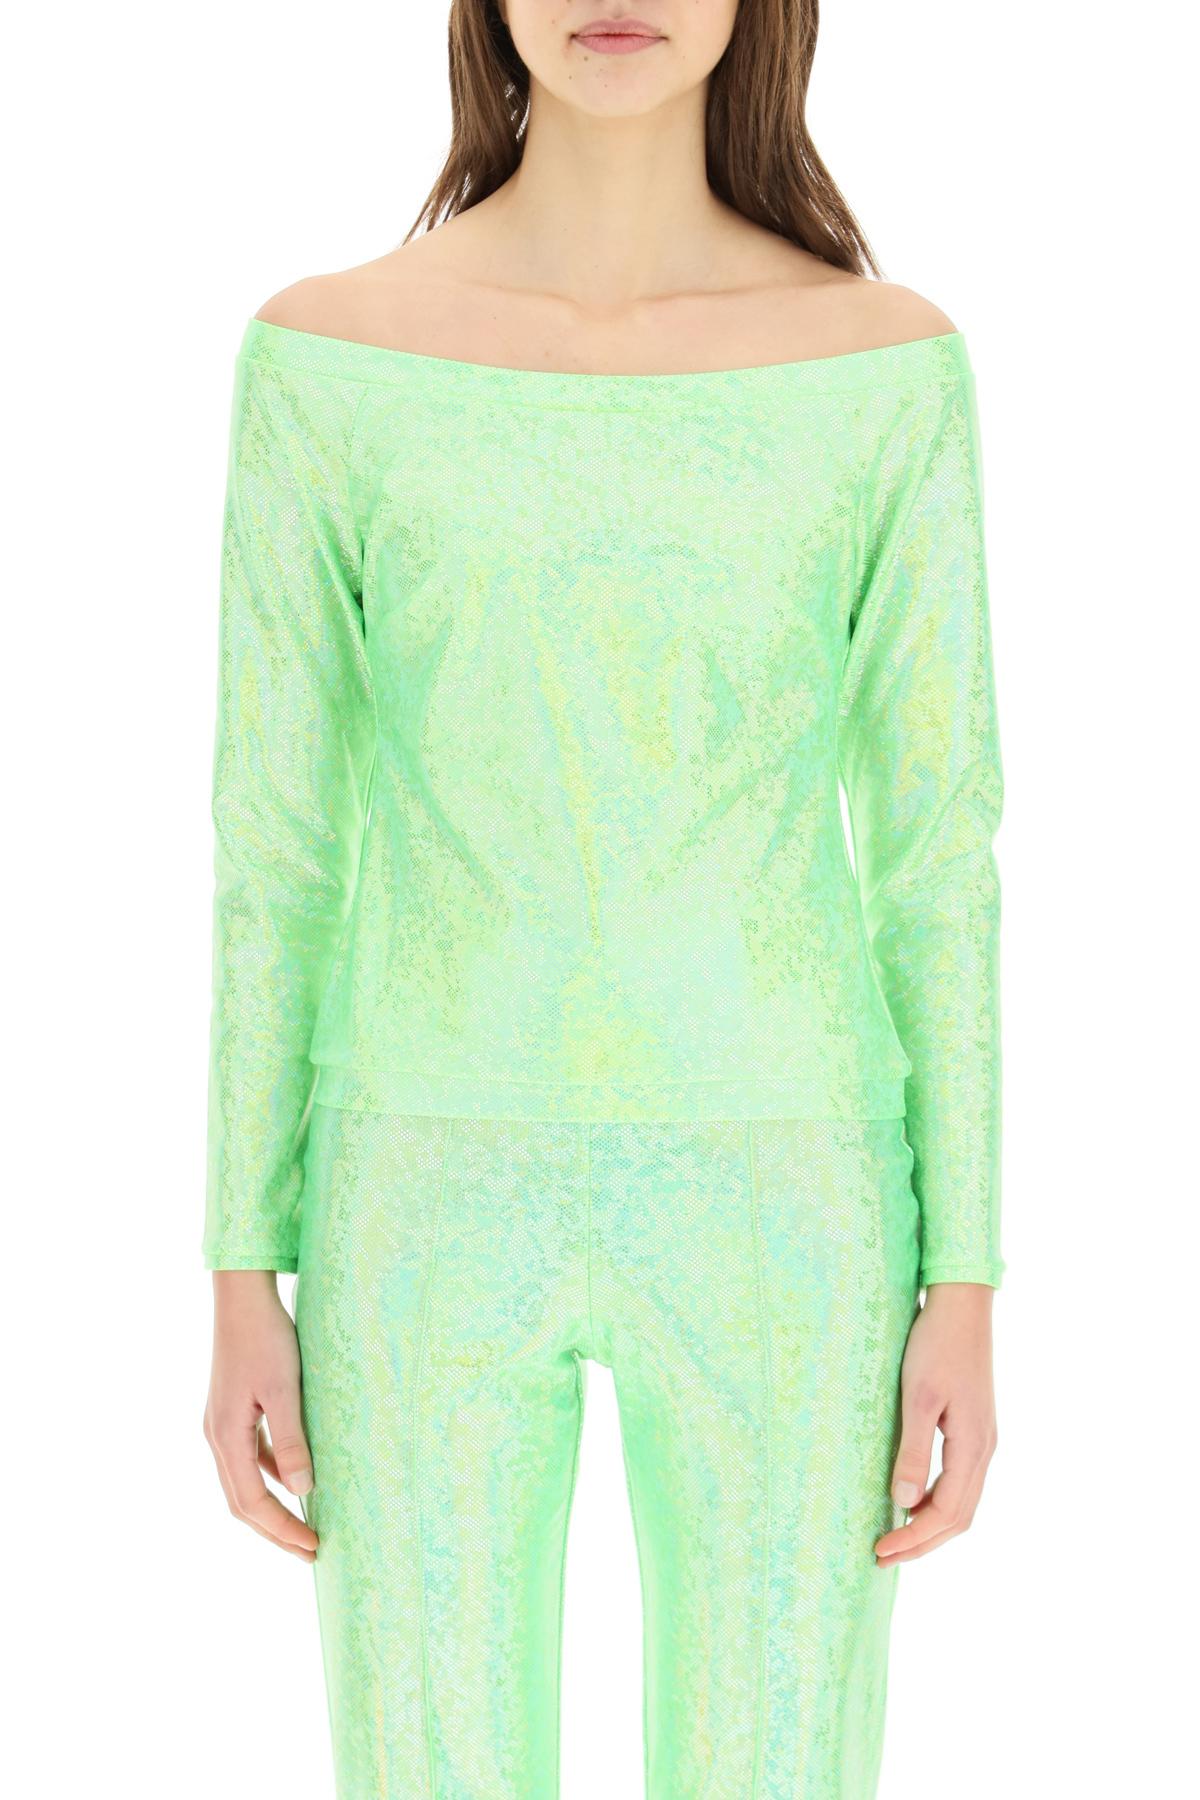 Saks potts t-shirt herm green shimmer